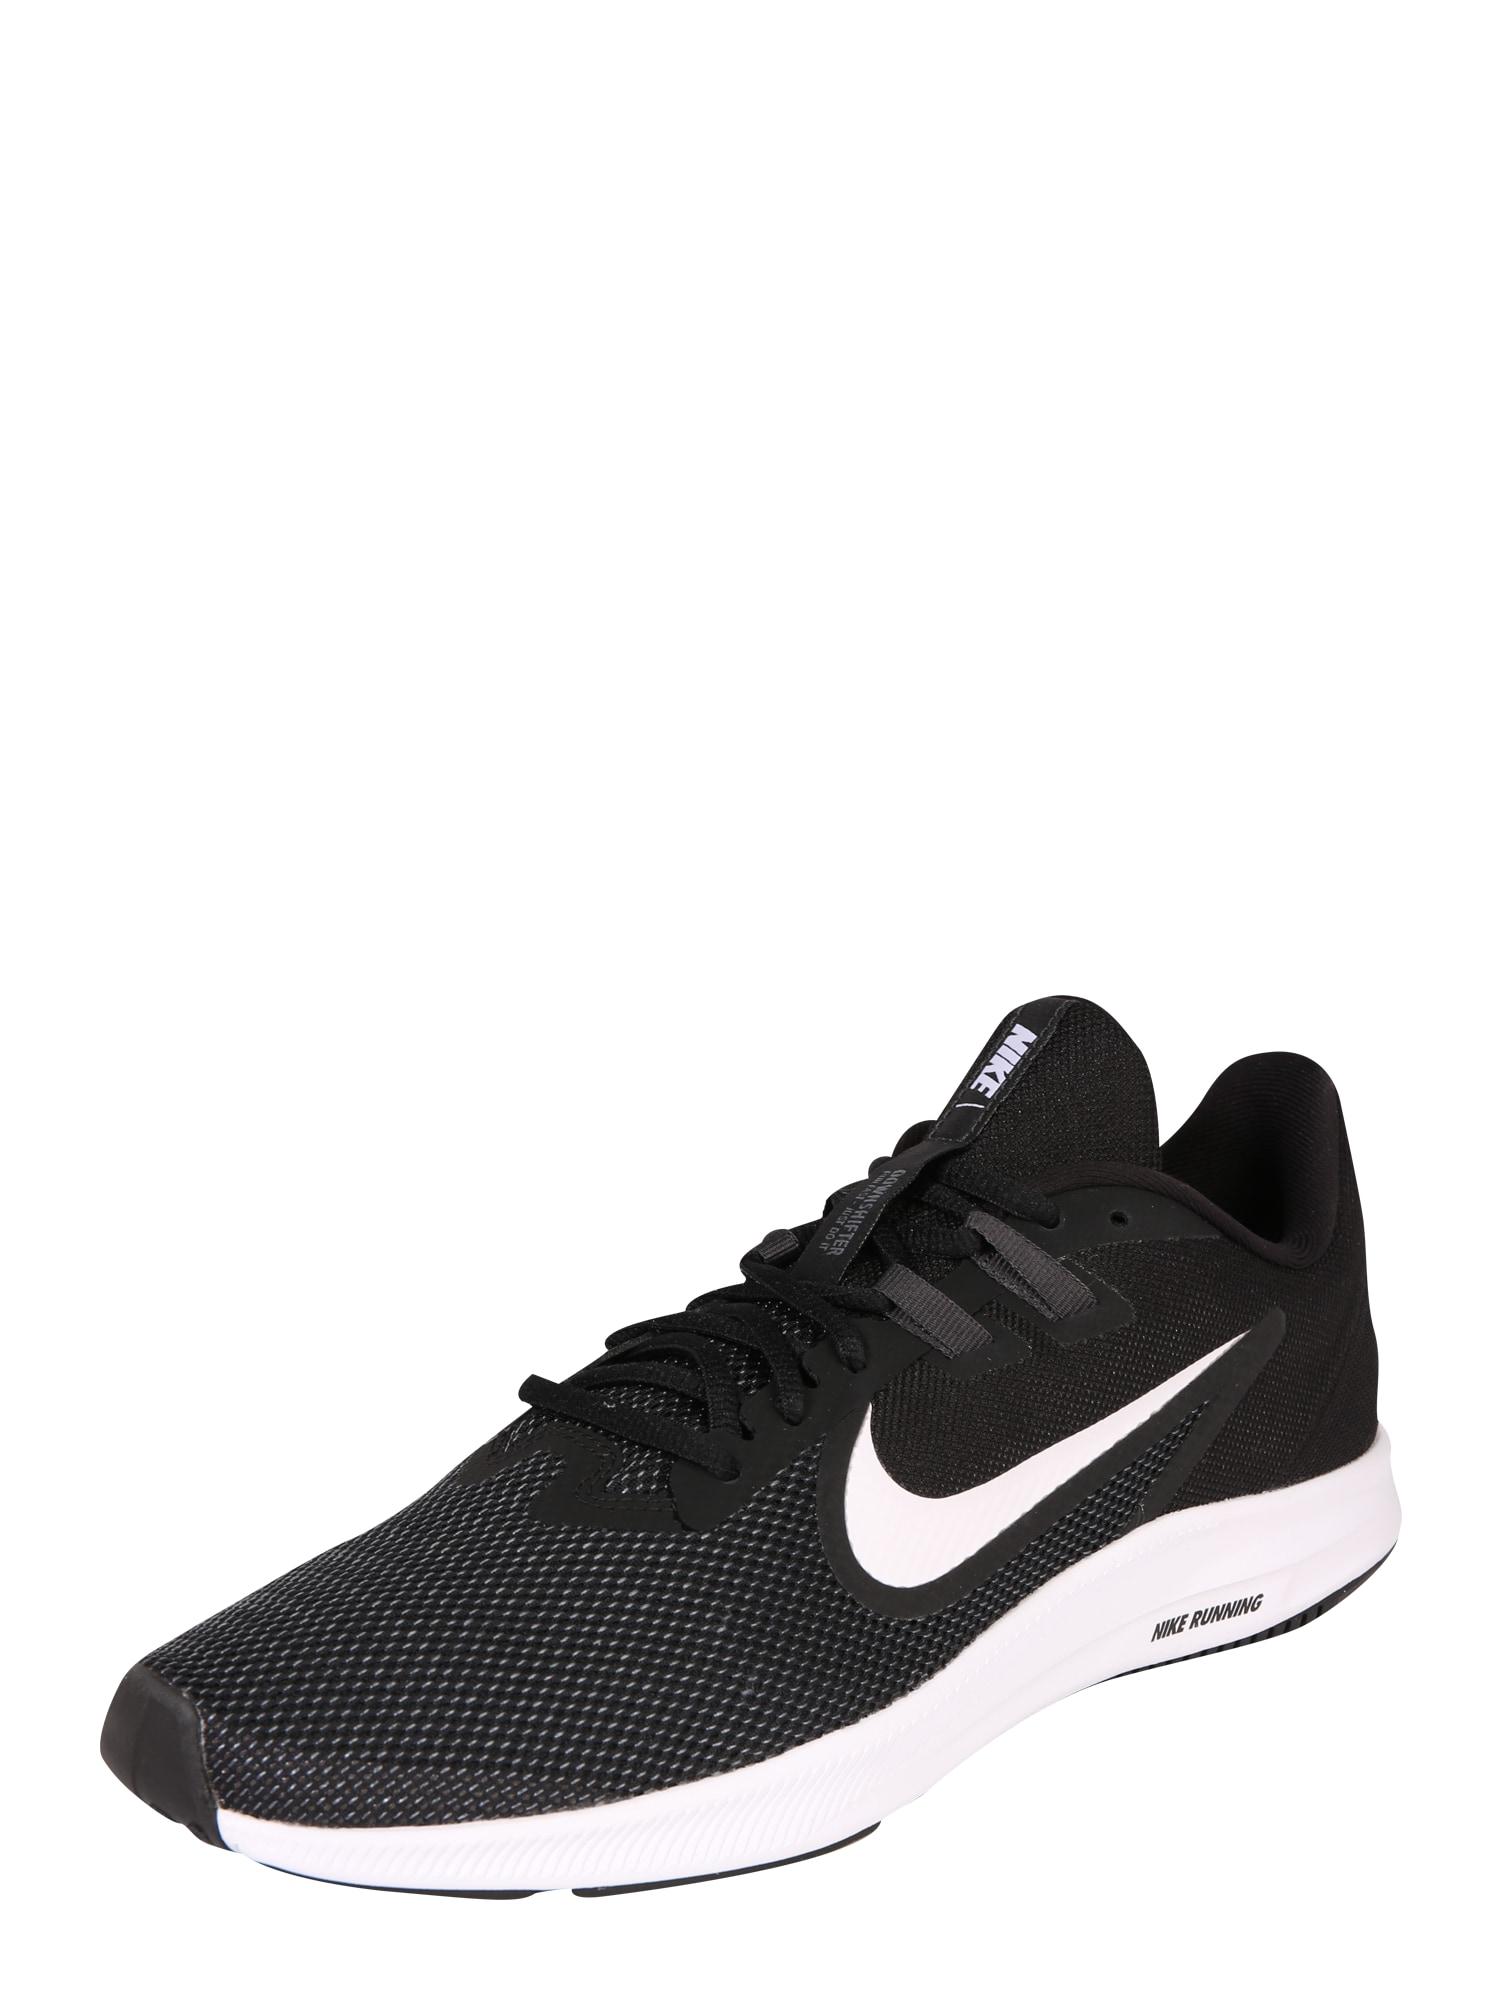 NIKE Bėgimo batai 'Downshifter 9' juoda / balta